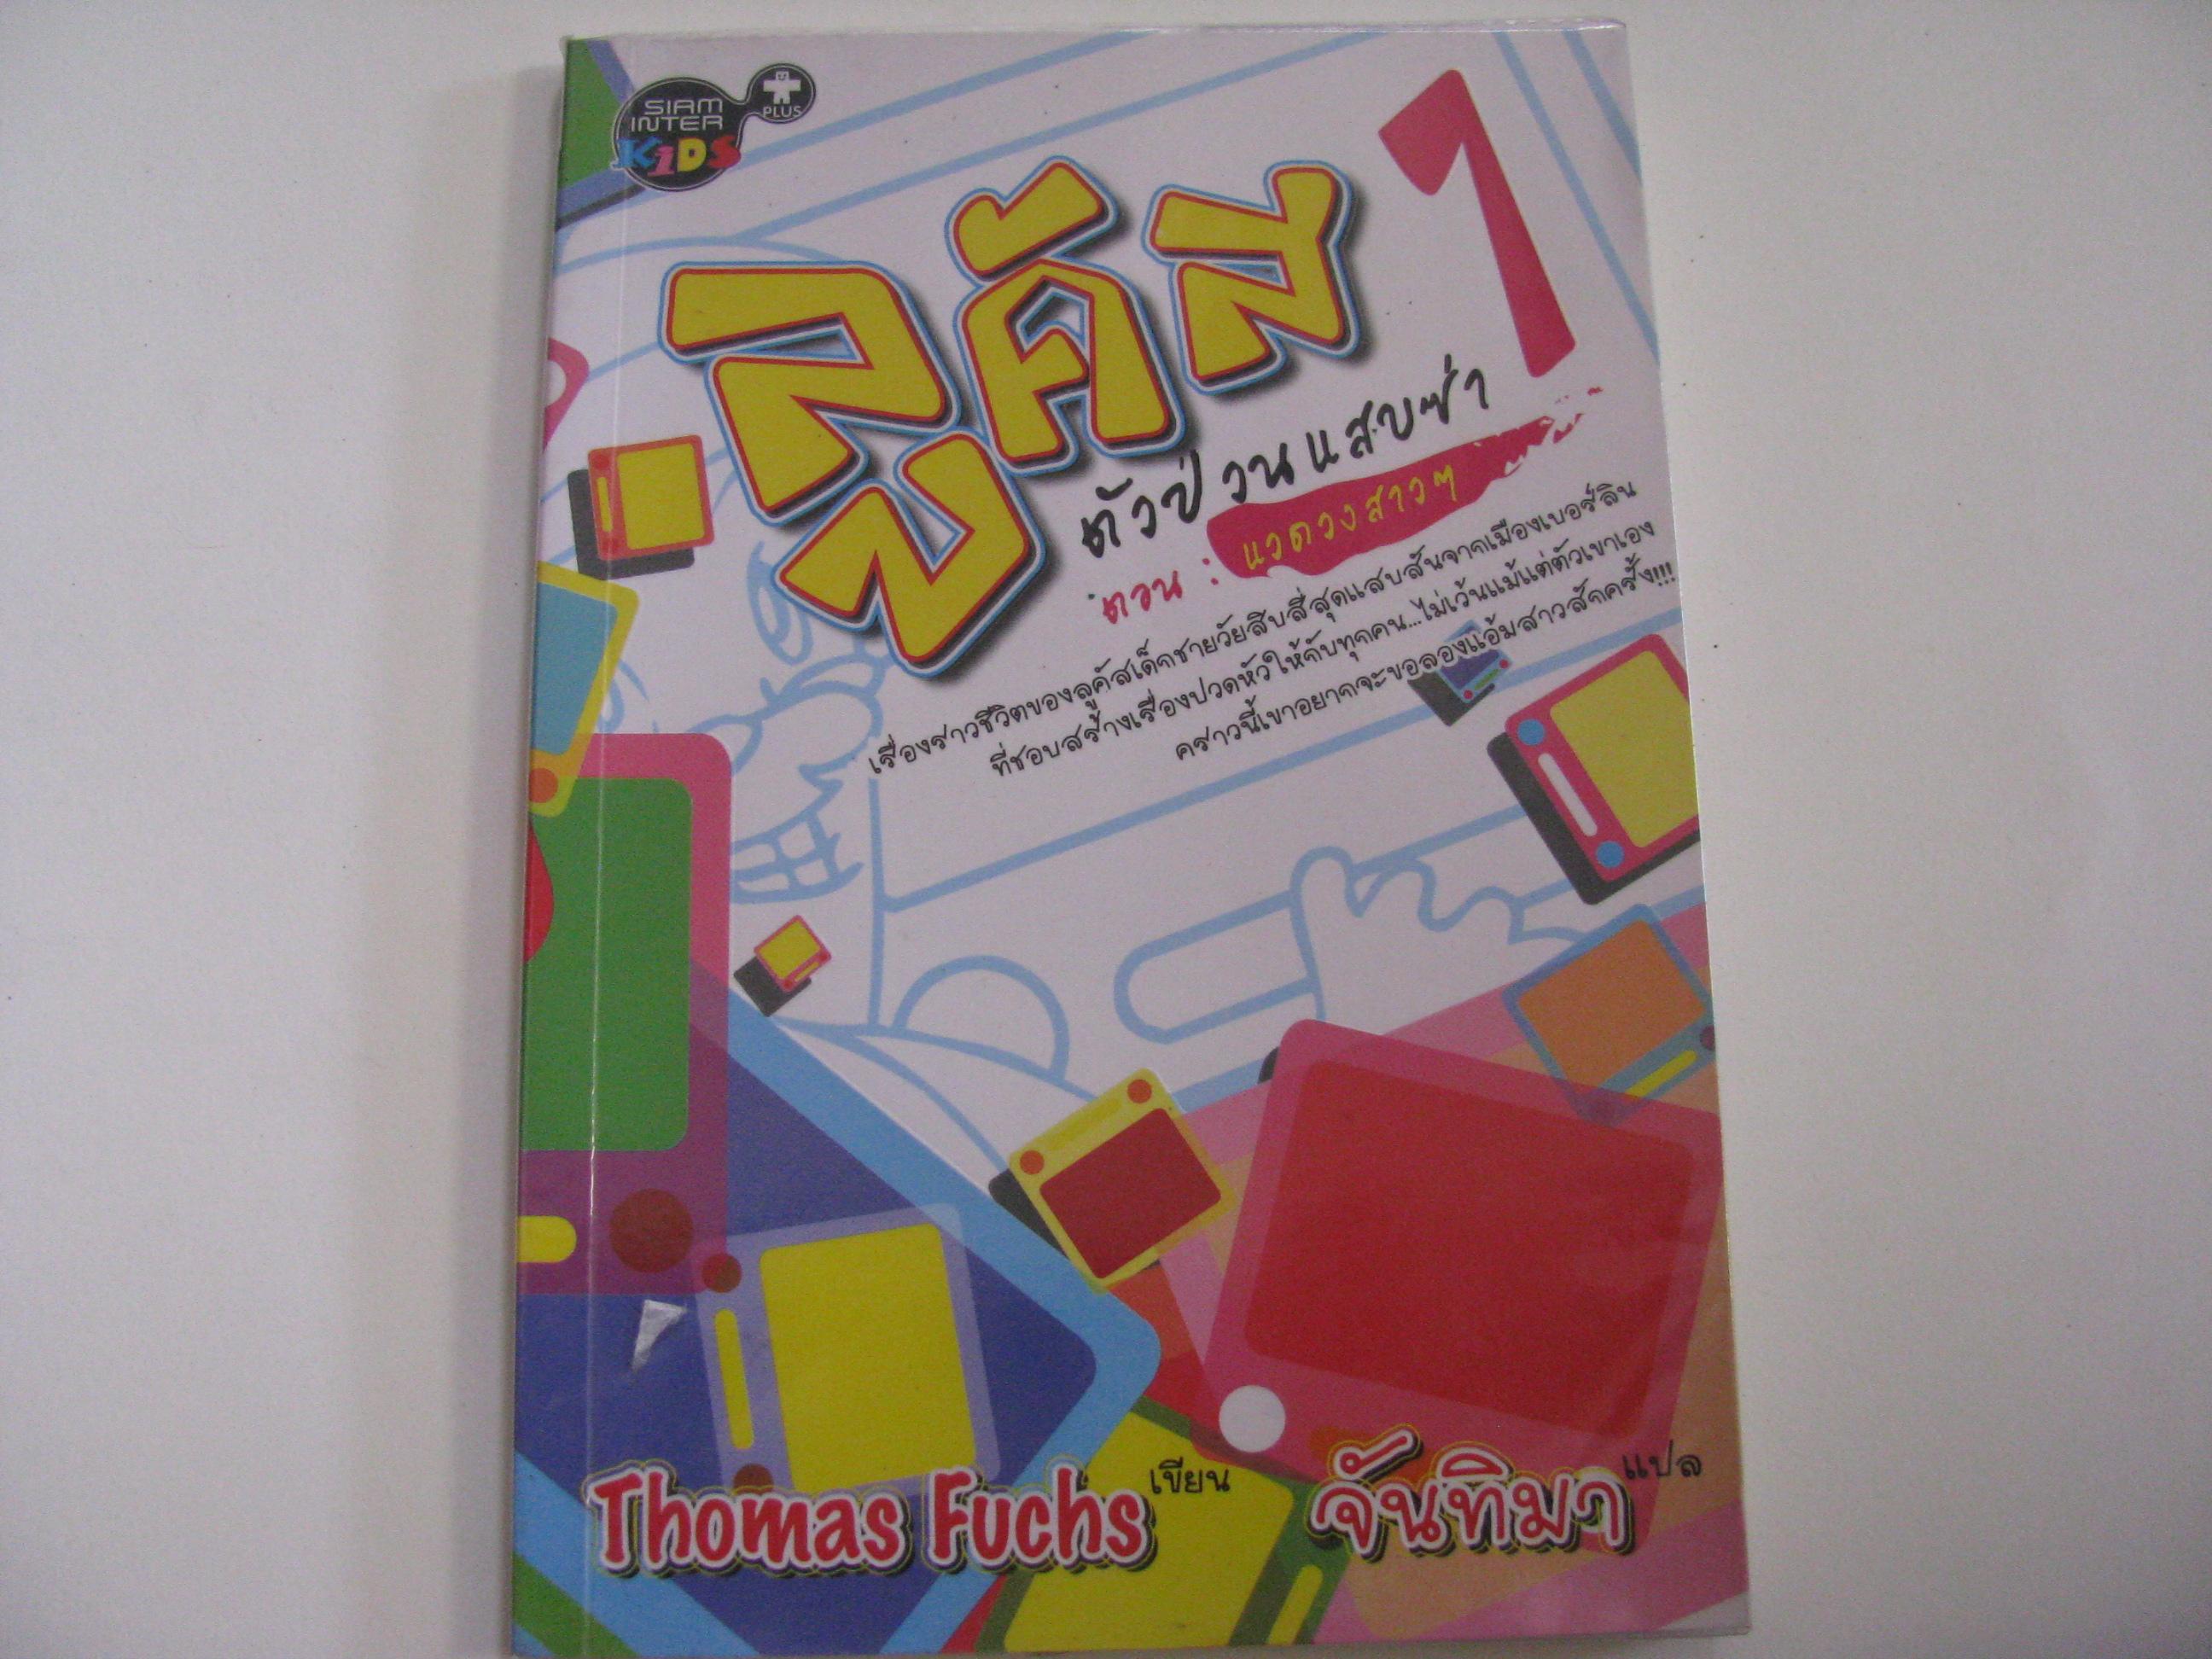 ลูคัส ตัวป่วนแสบซ่า 1 ตอน แวดวงสาว ๆ Thomas Fuchs เขียน จันทิมา แปล